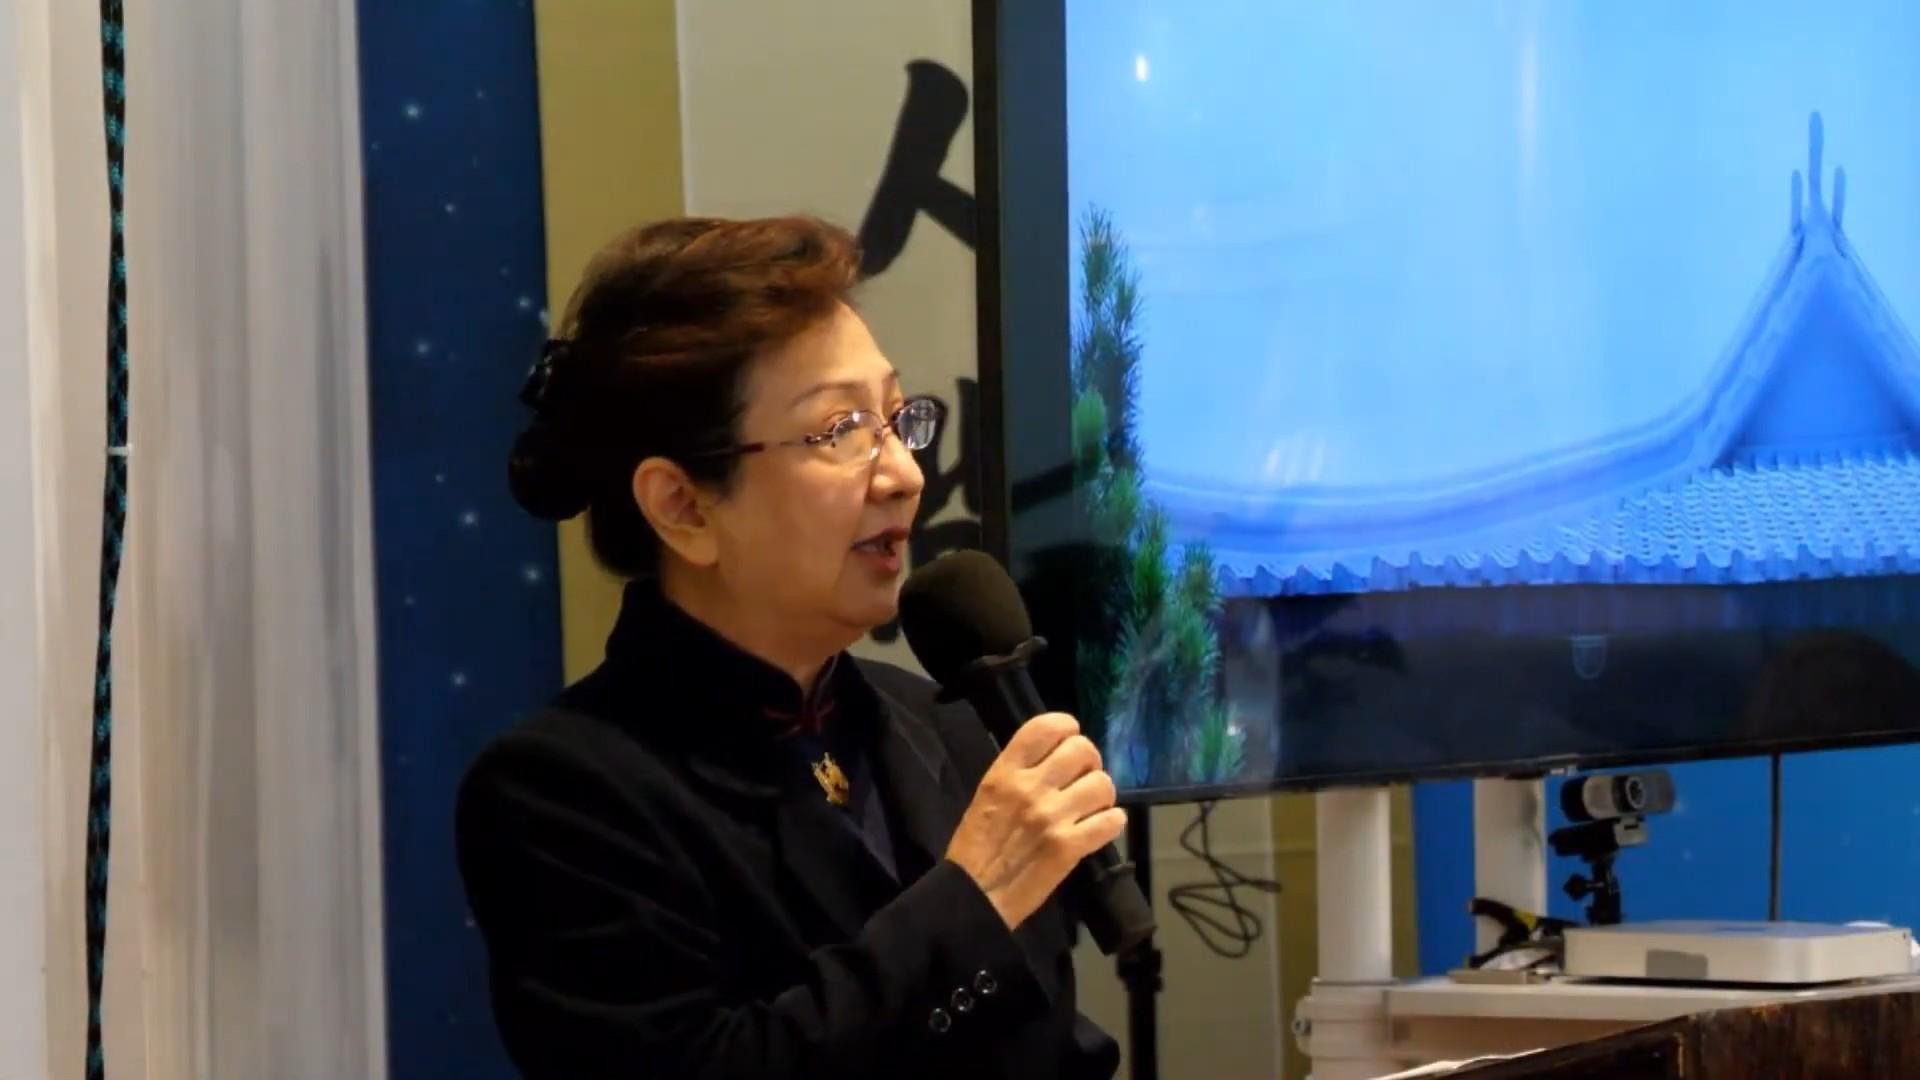 志工劉雯擁有多年主持浴佛典禮的經驗。為了這次的活動,與音控志工陳怡蓉、活動統籌陳儷娟,事前彩排兩三次,為了活動的流暢盡心盡力。 攝影/邱品豪